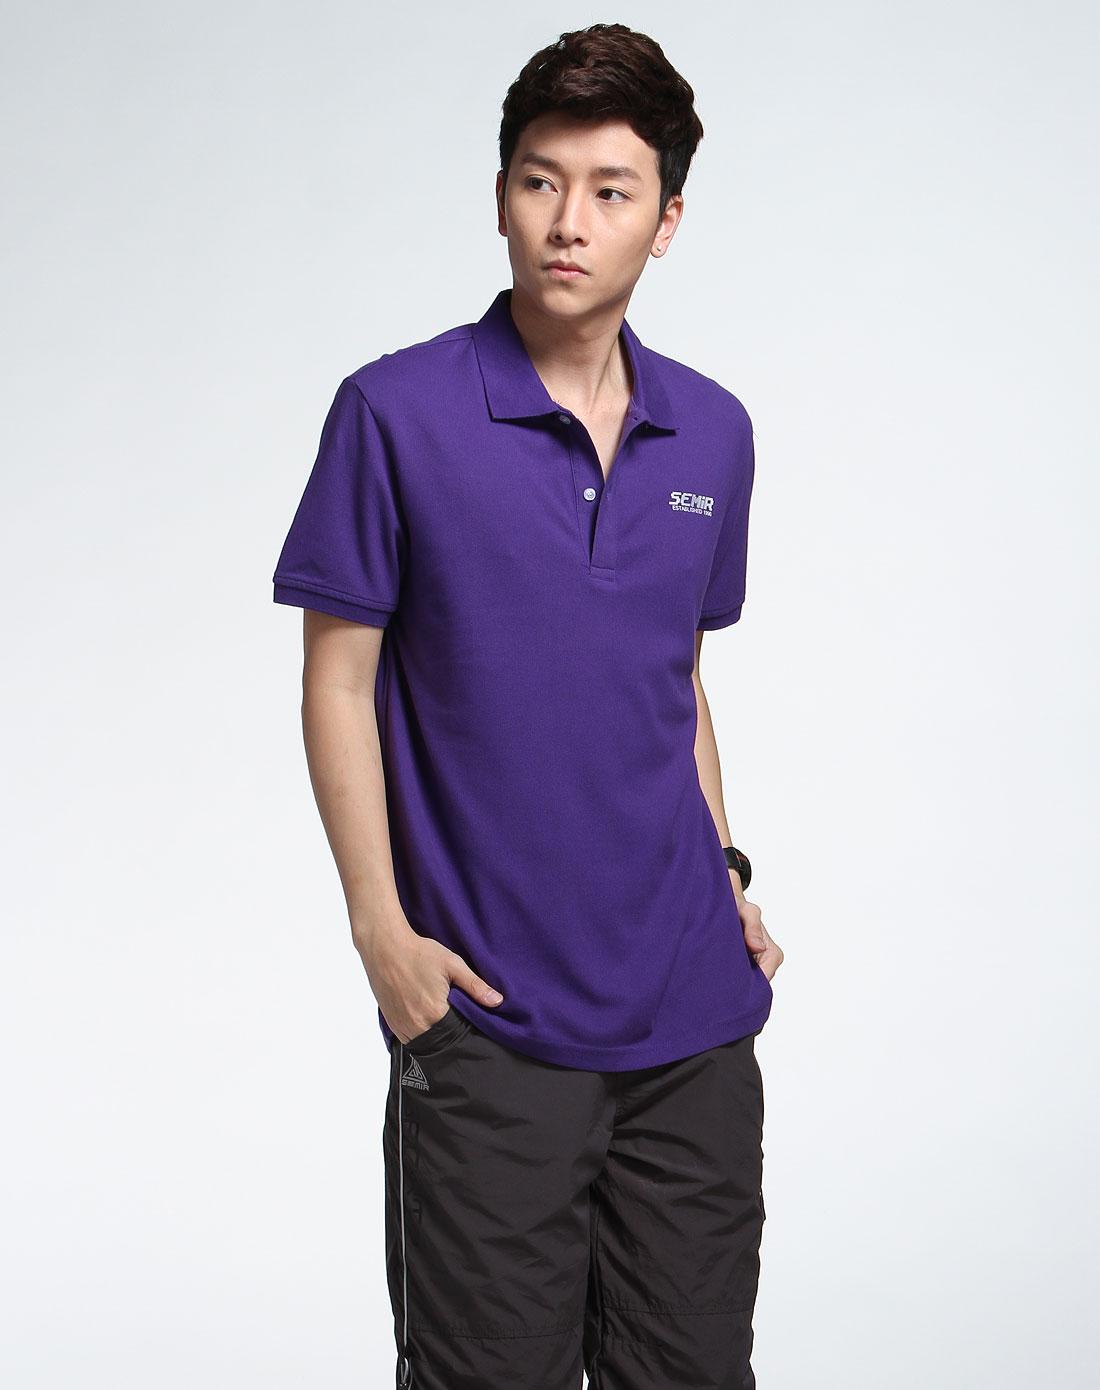 森马男装专场-紫色时尚短袖t恤图片